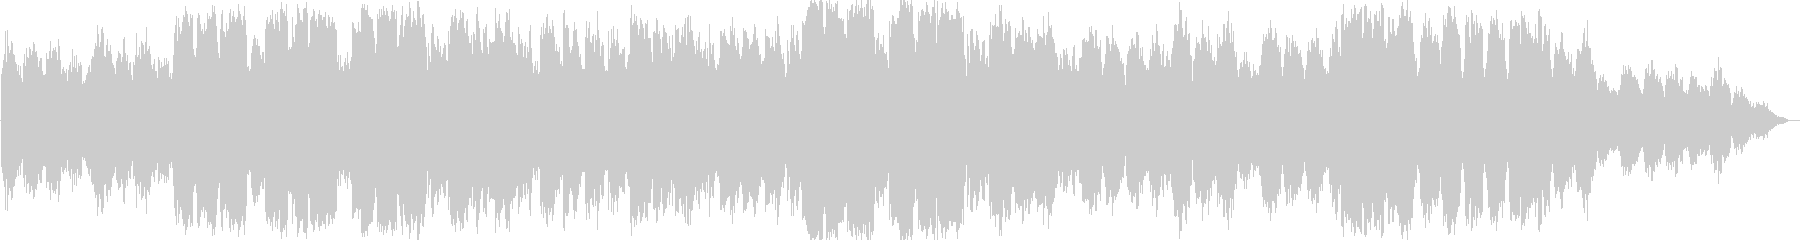 シンセサイザーとケーナの静かな即興音楽の未再生の波形